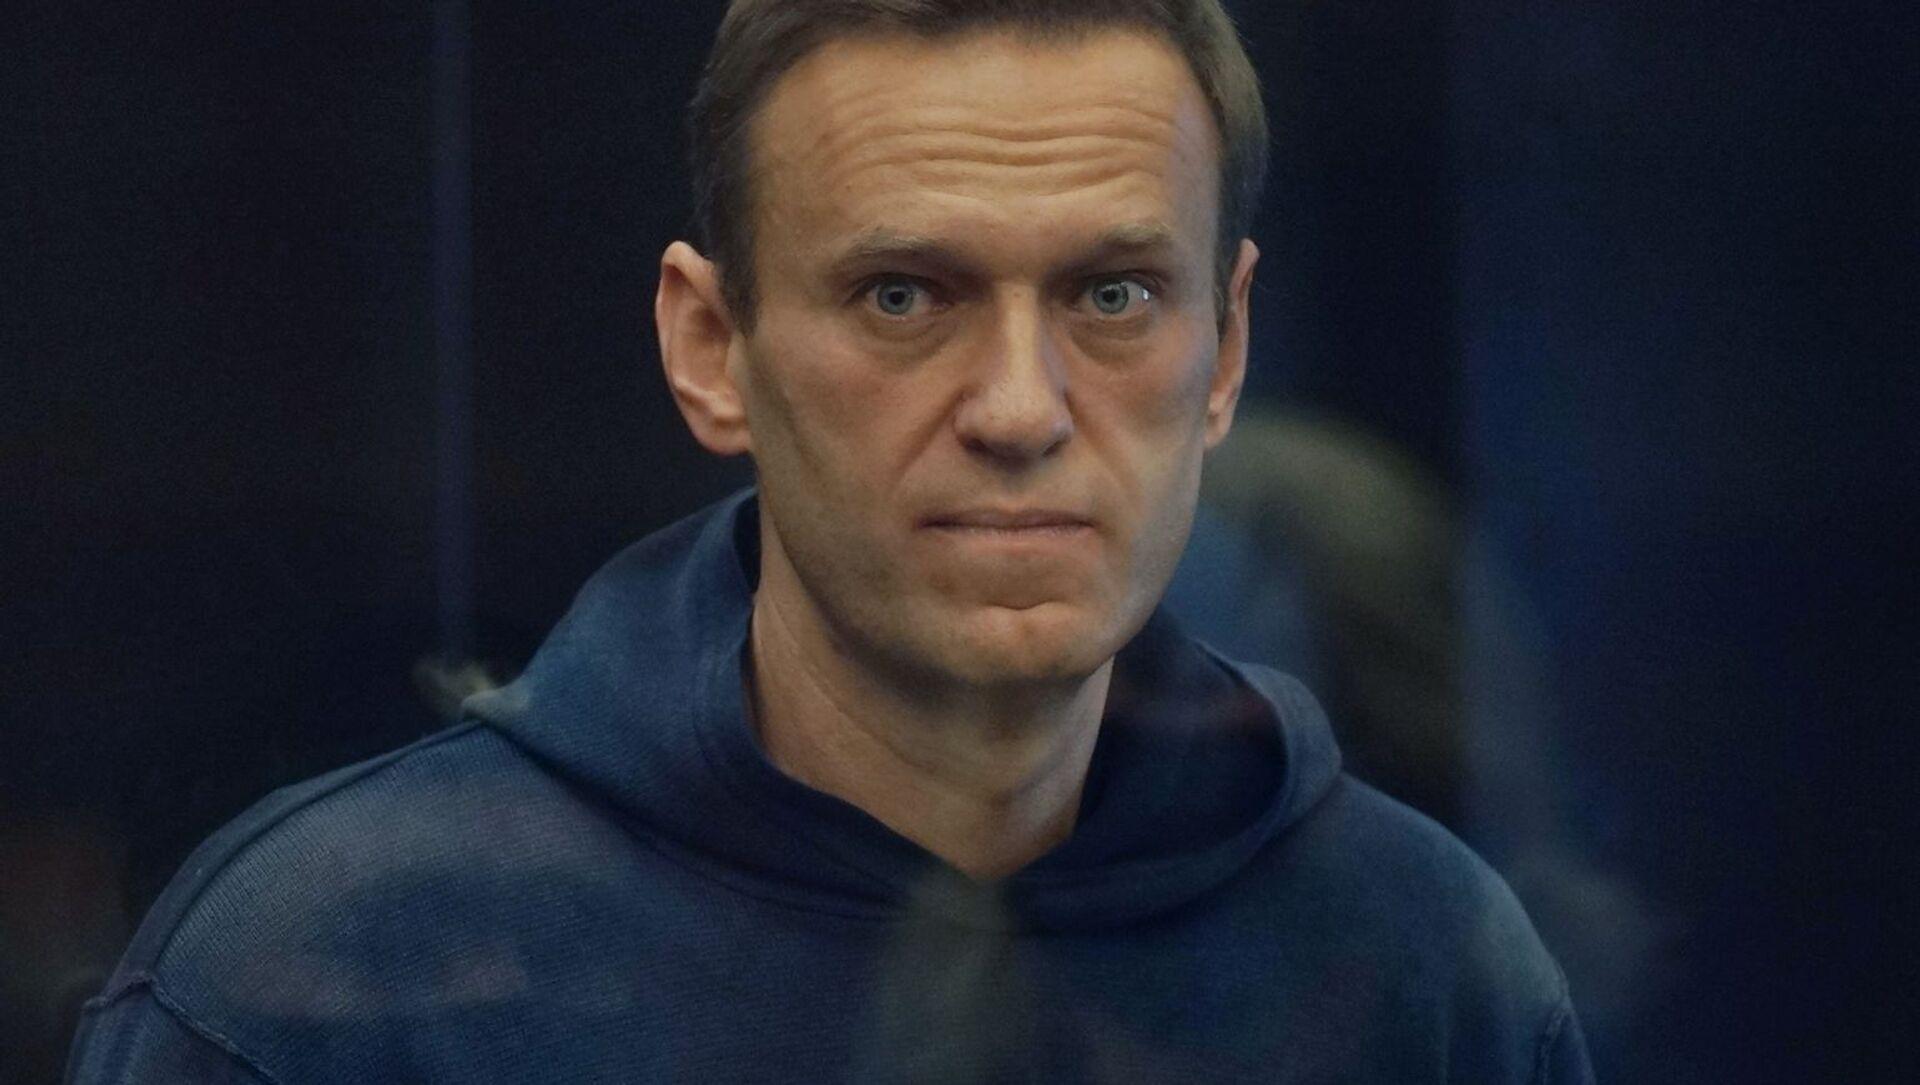 Алексей Навальный на заседании Московского городского суда - Sputnik 日本, 1920, 21.04.2021